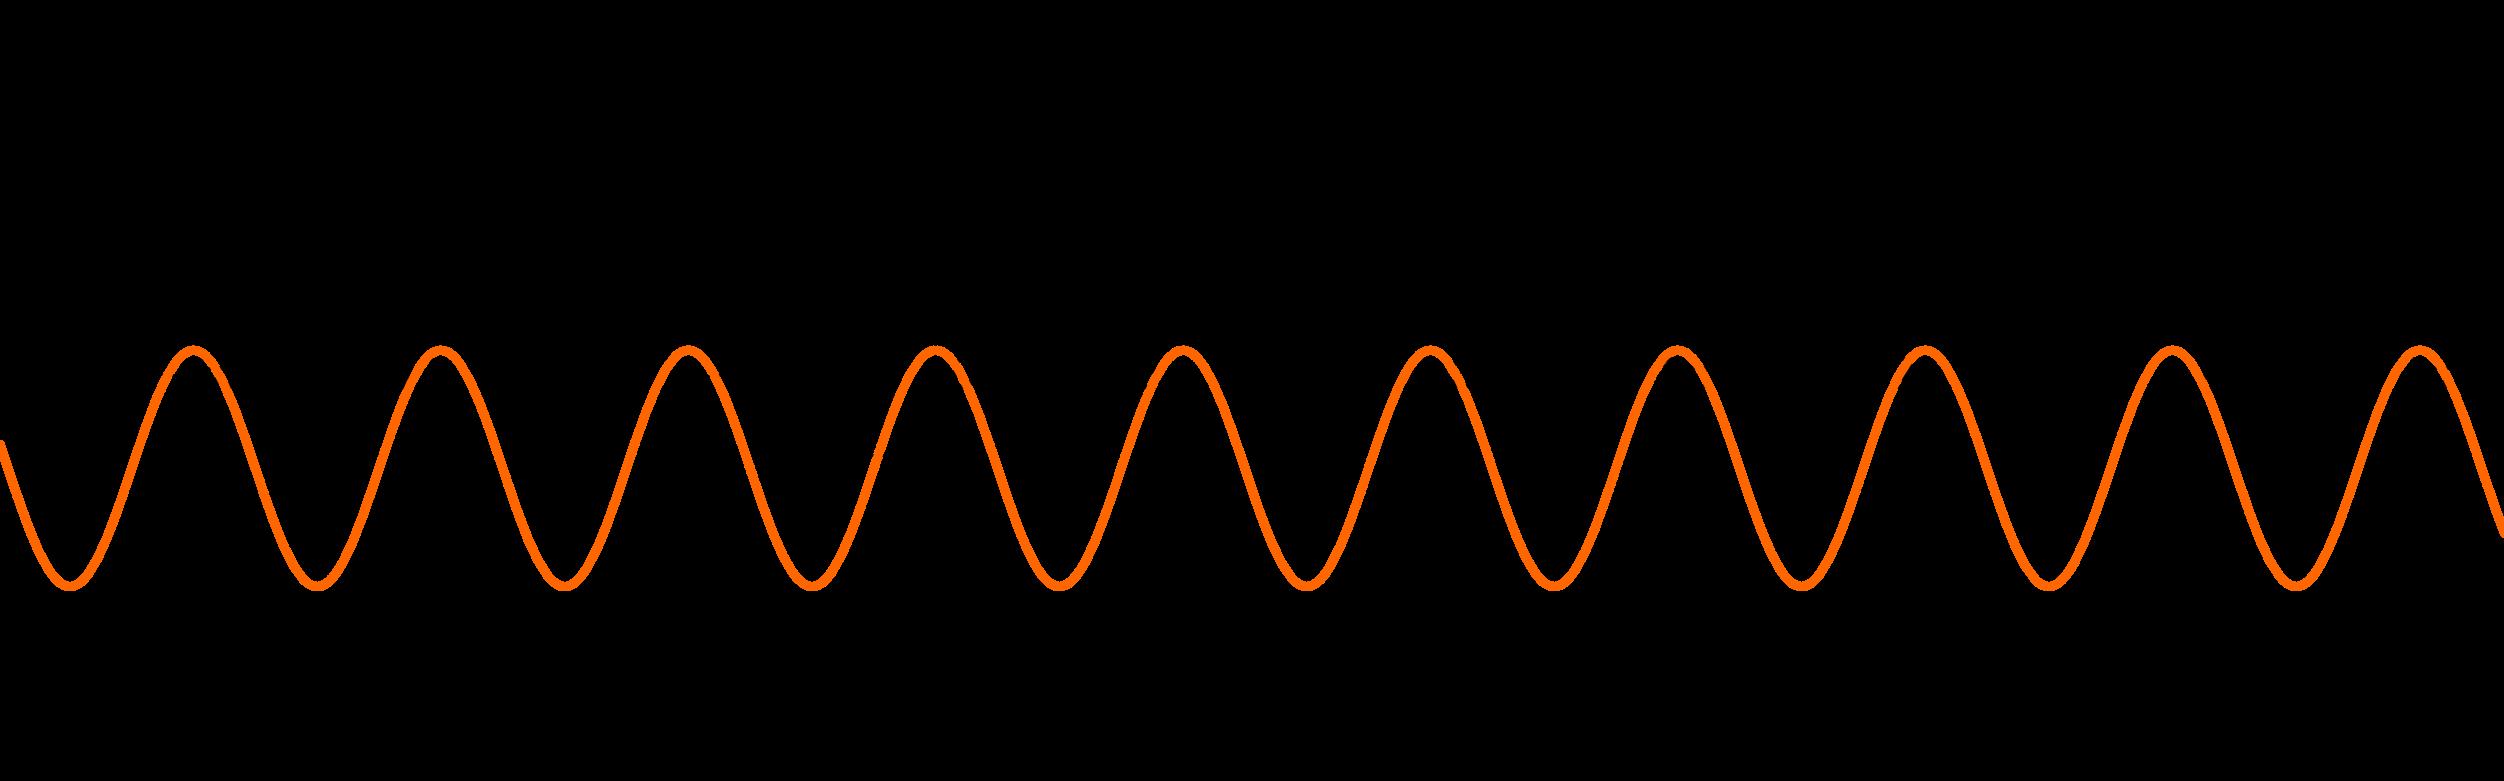 Graph zu Aufgabe